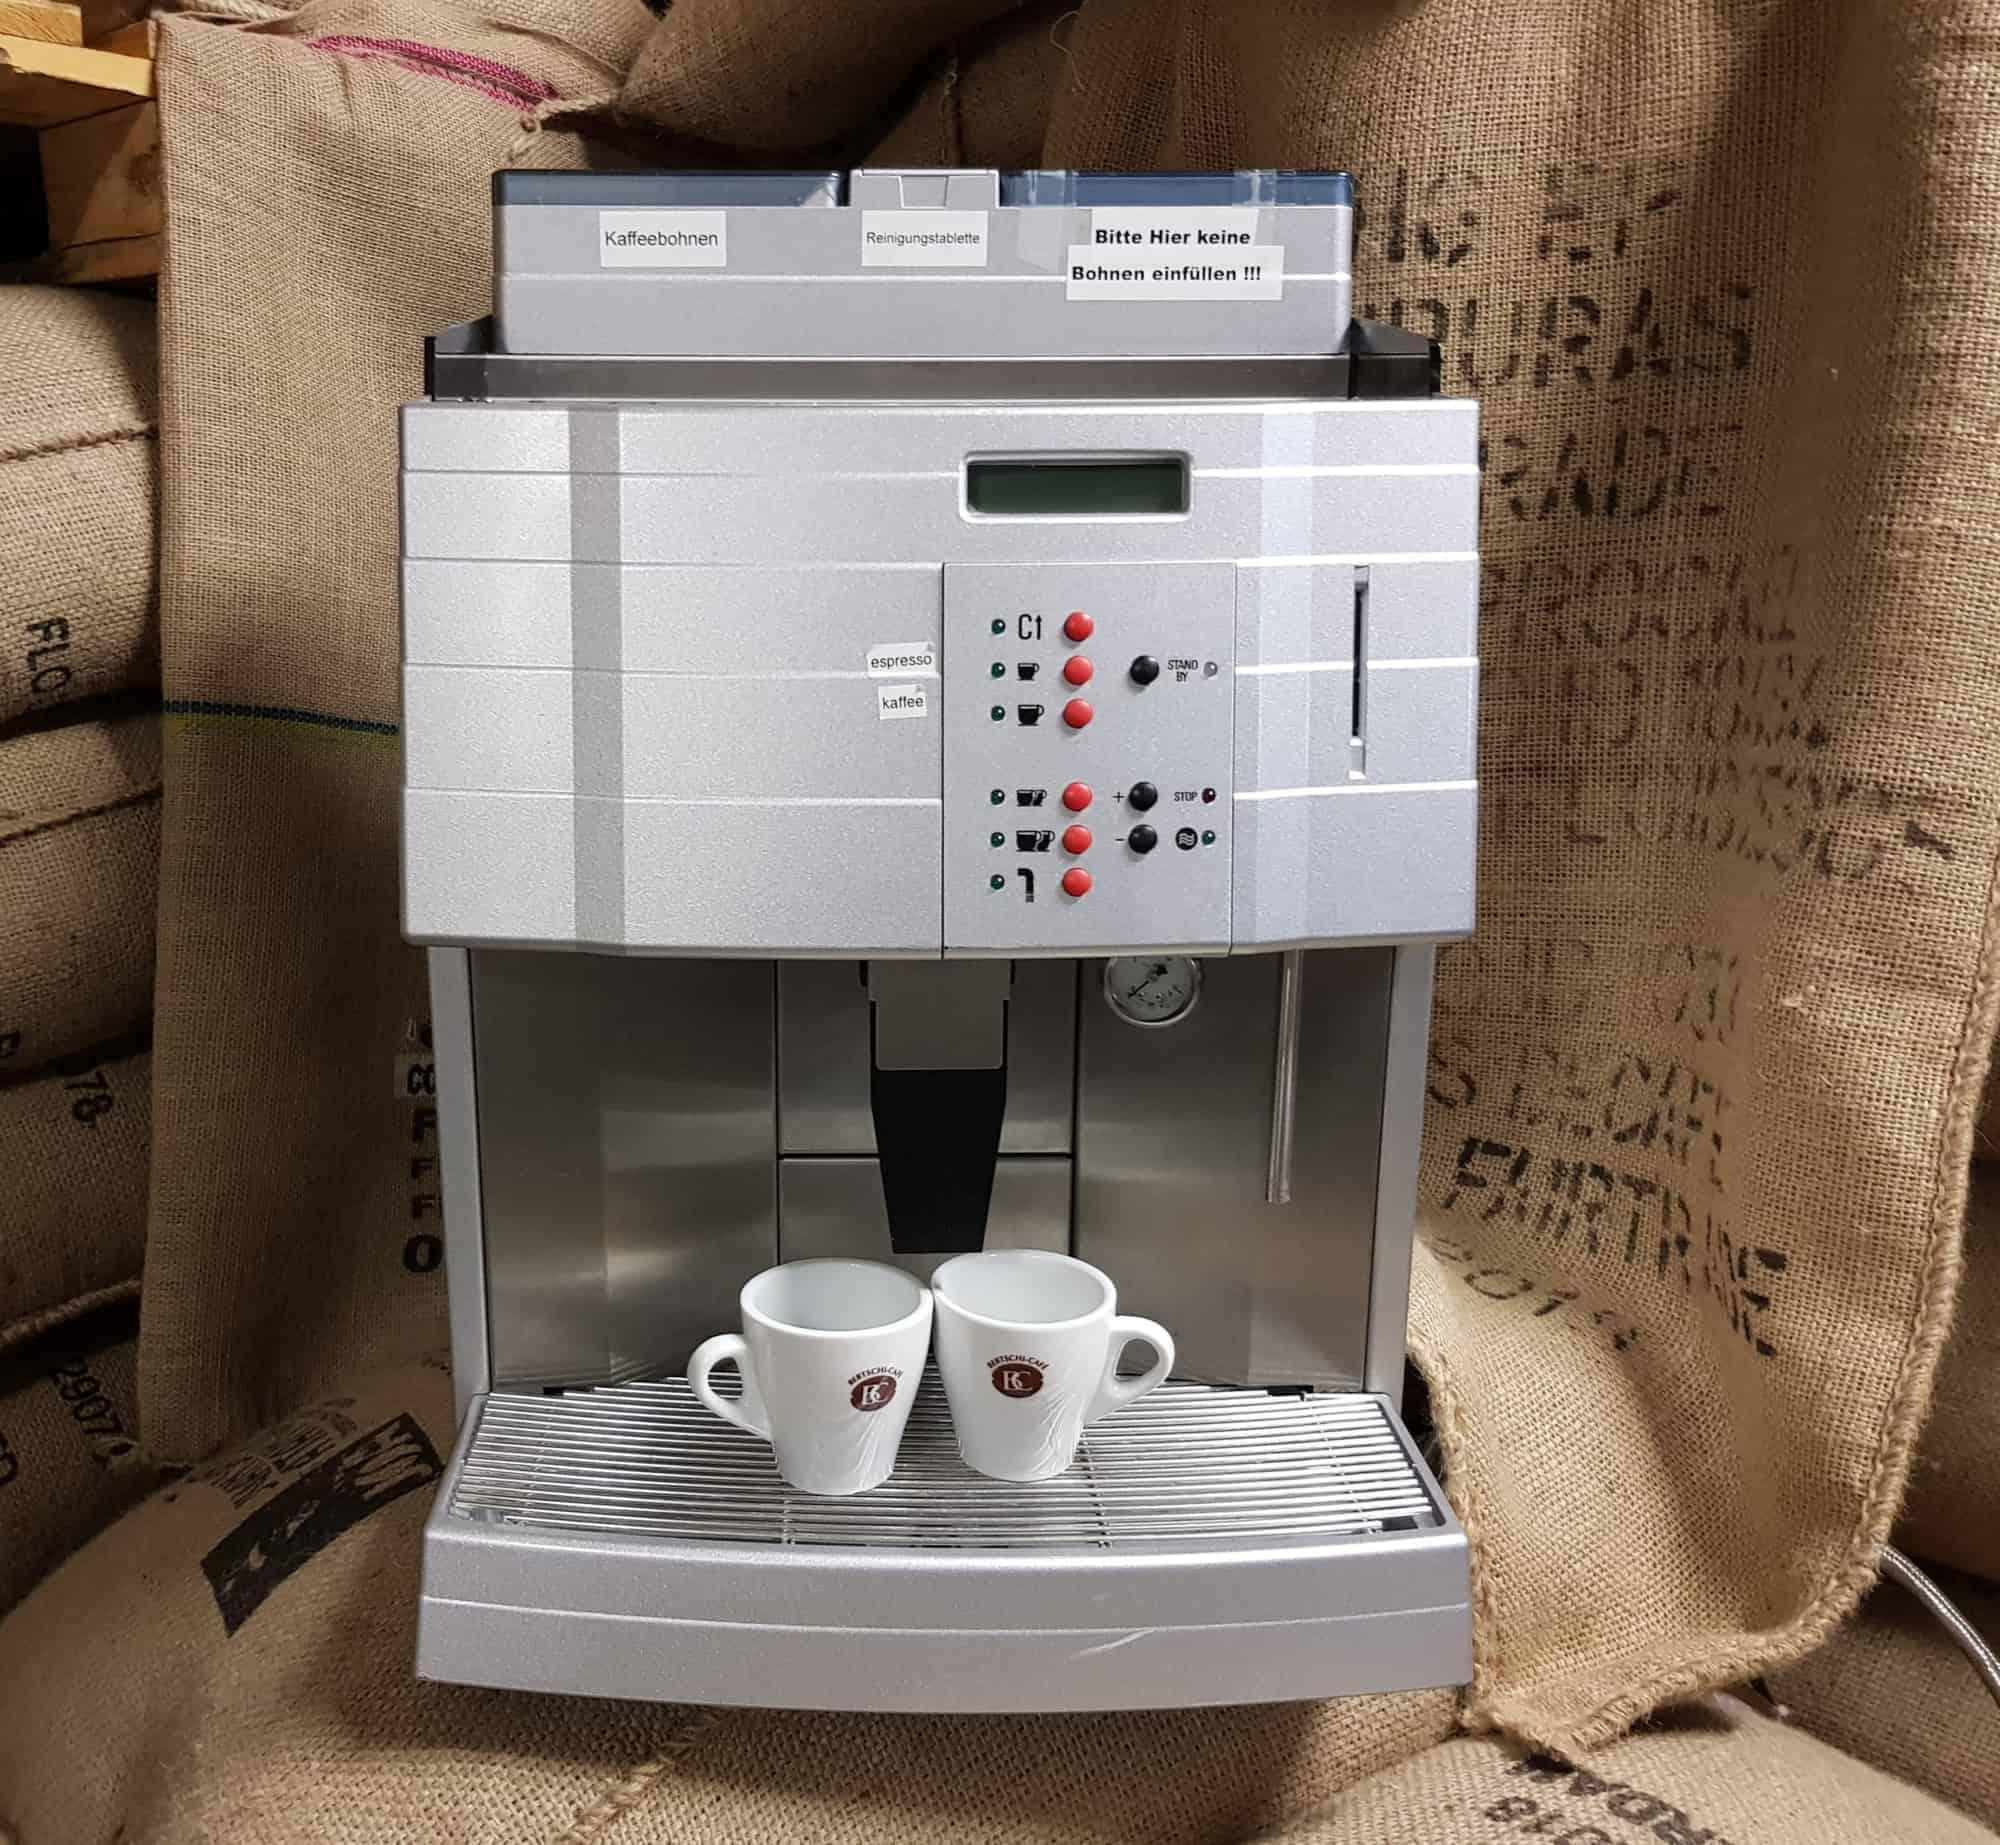 bertschi-kaffee-kaffeemaschinen-verleih4